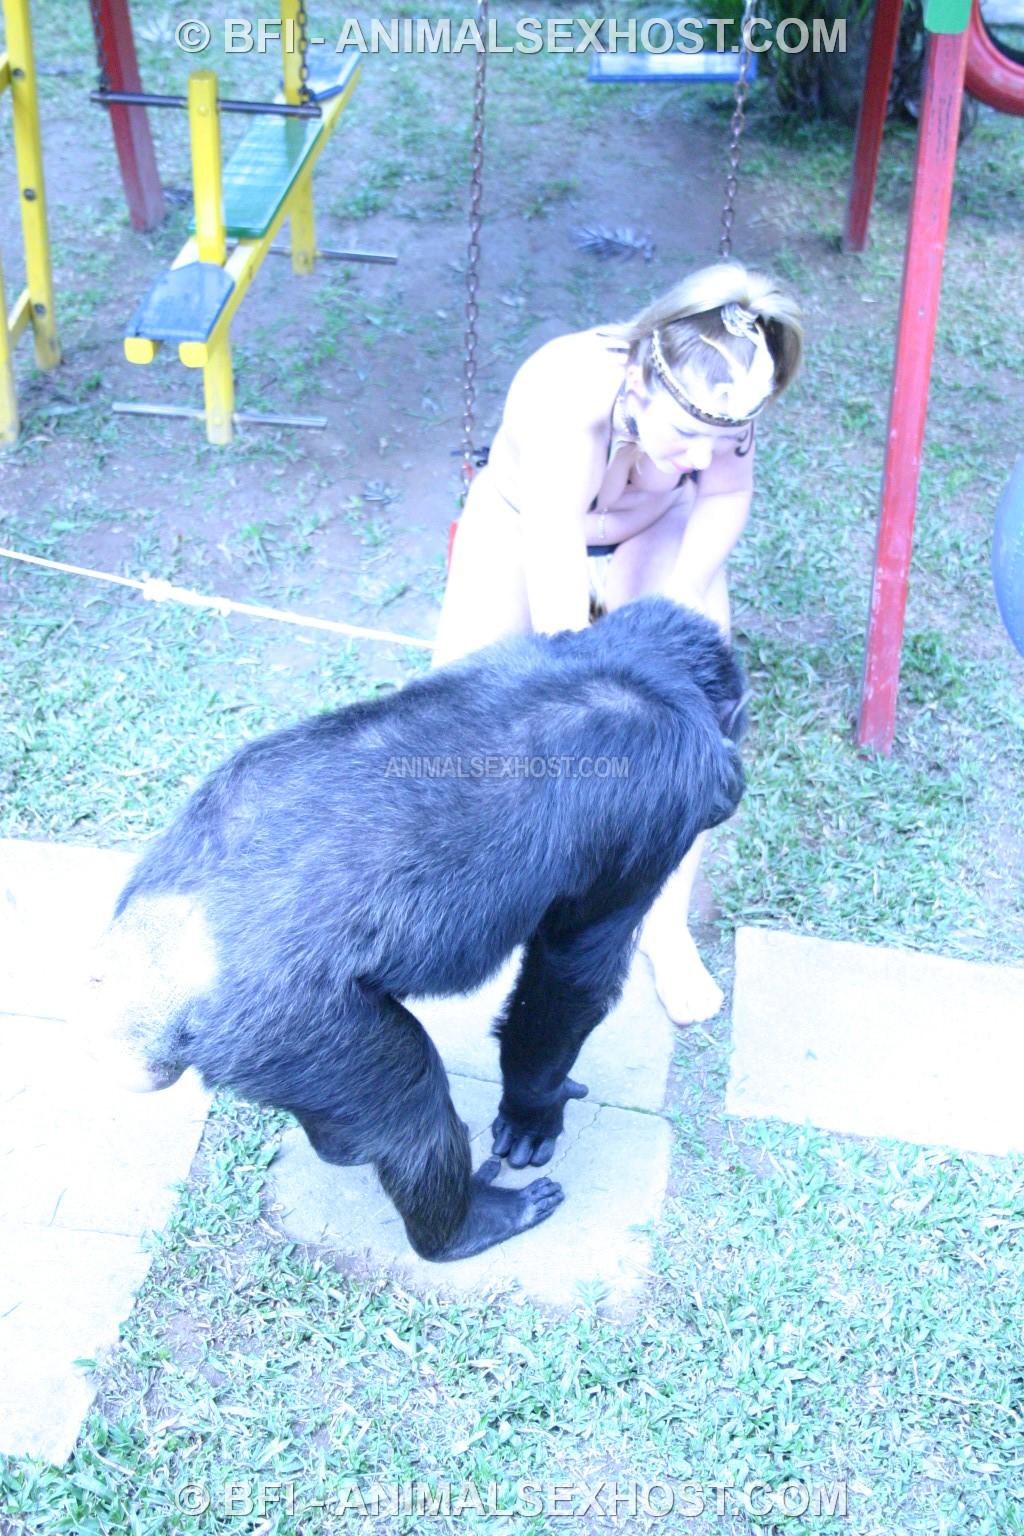 Uedyjja Chimpanzee Porn